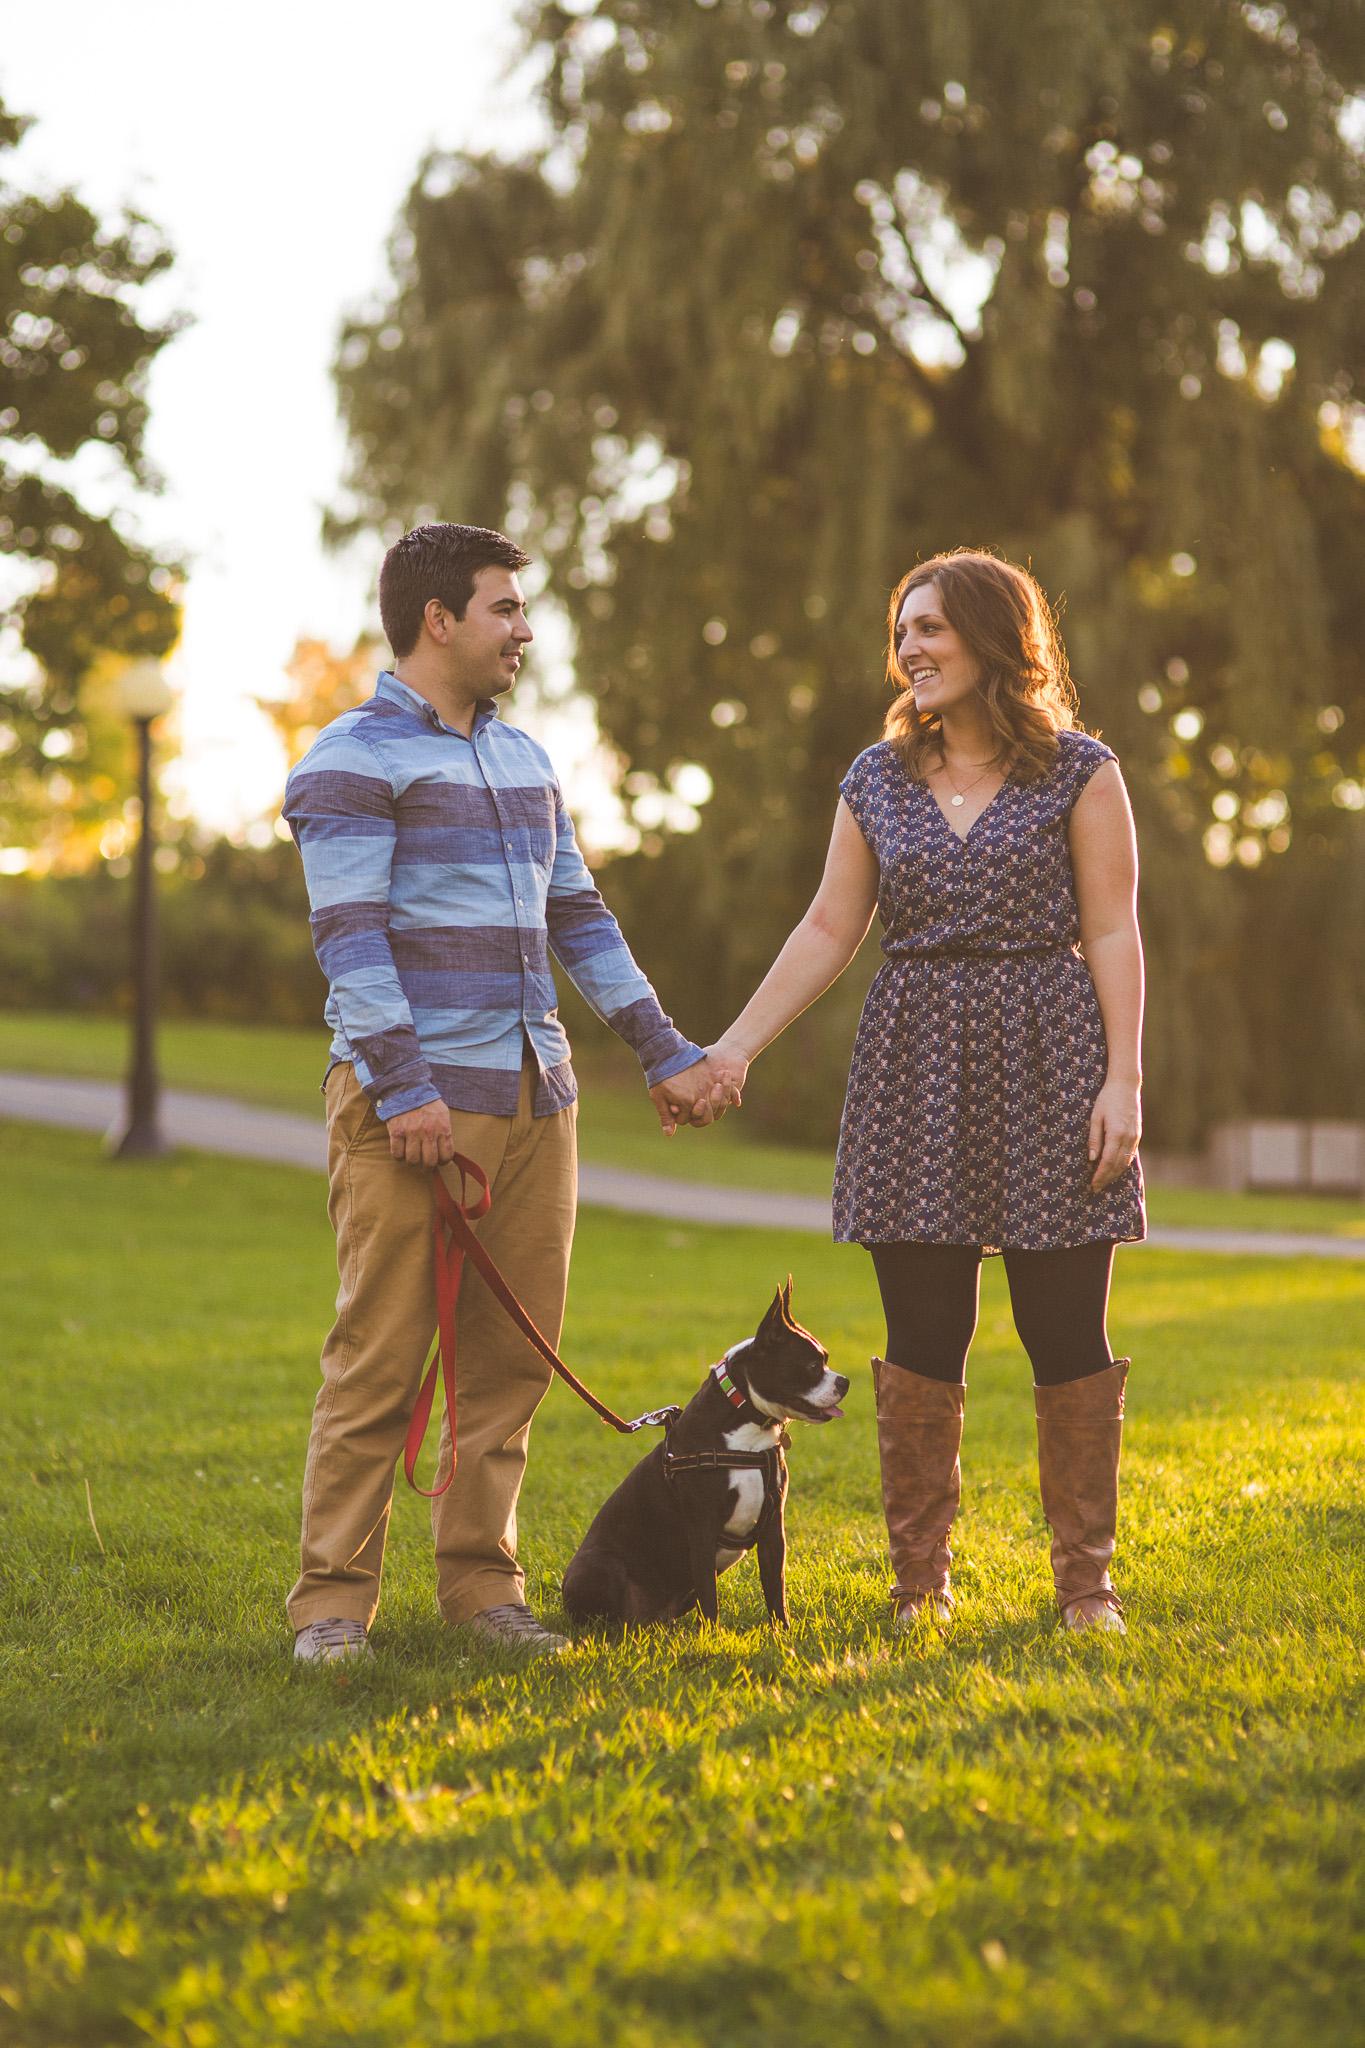 Ottawa-Couple-with-dog